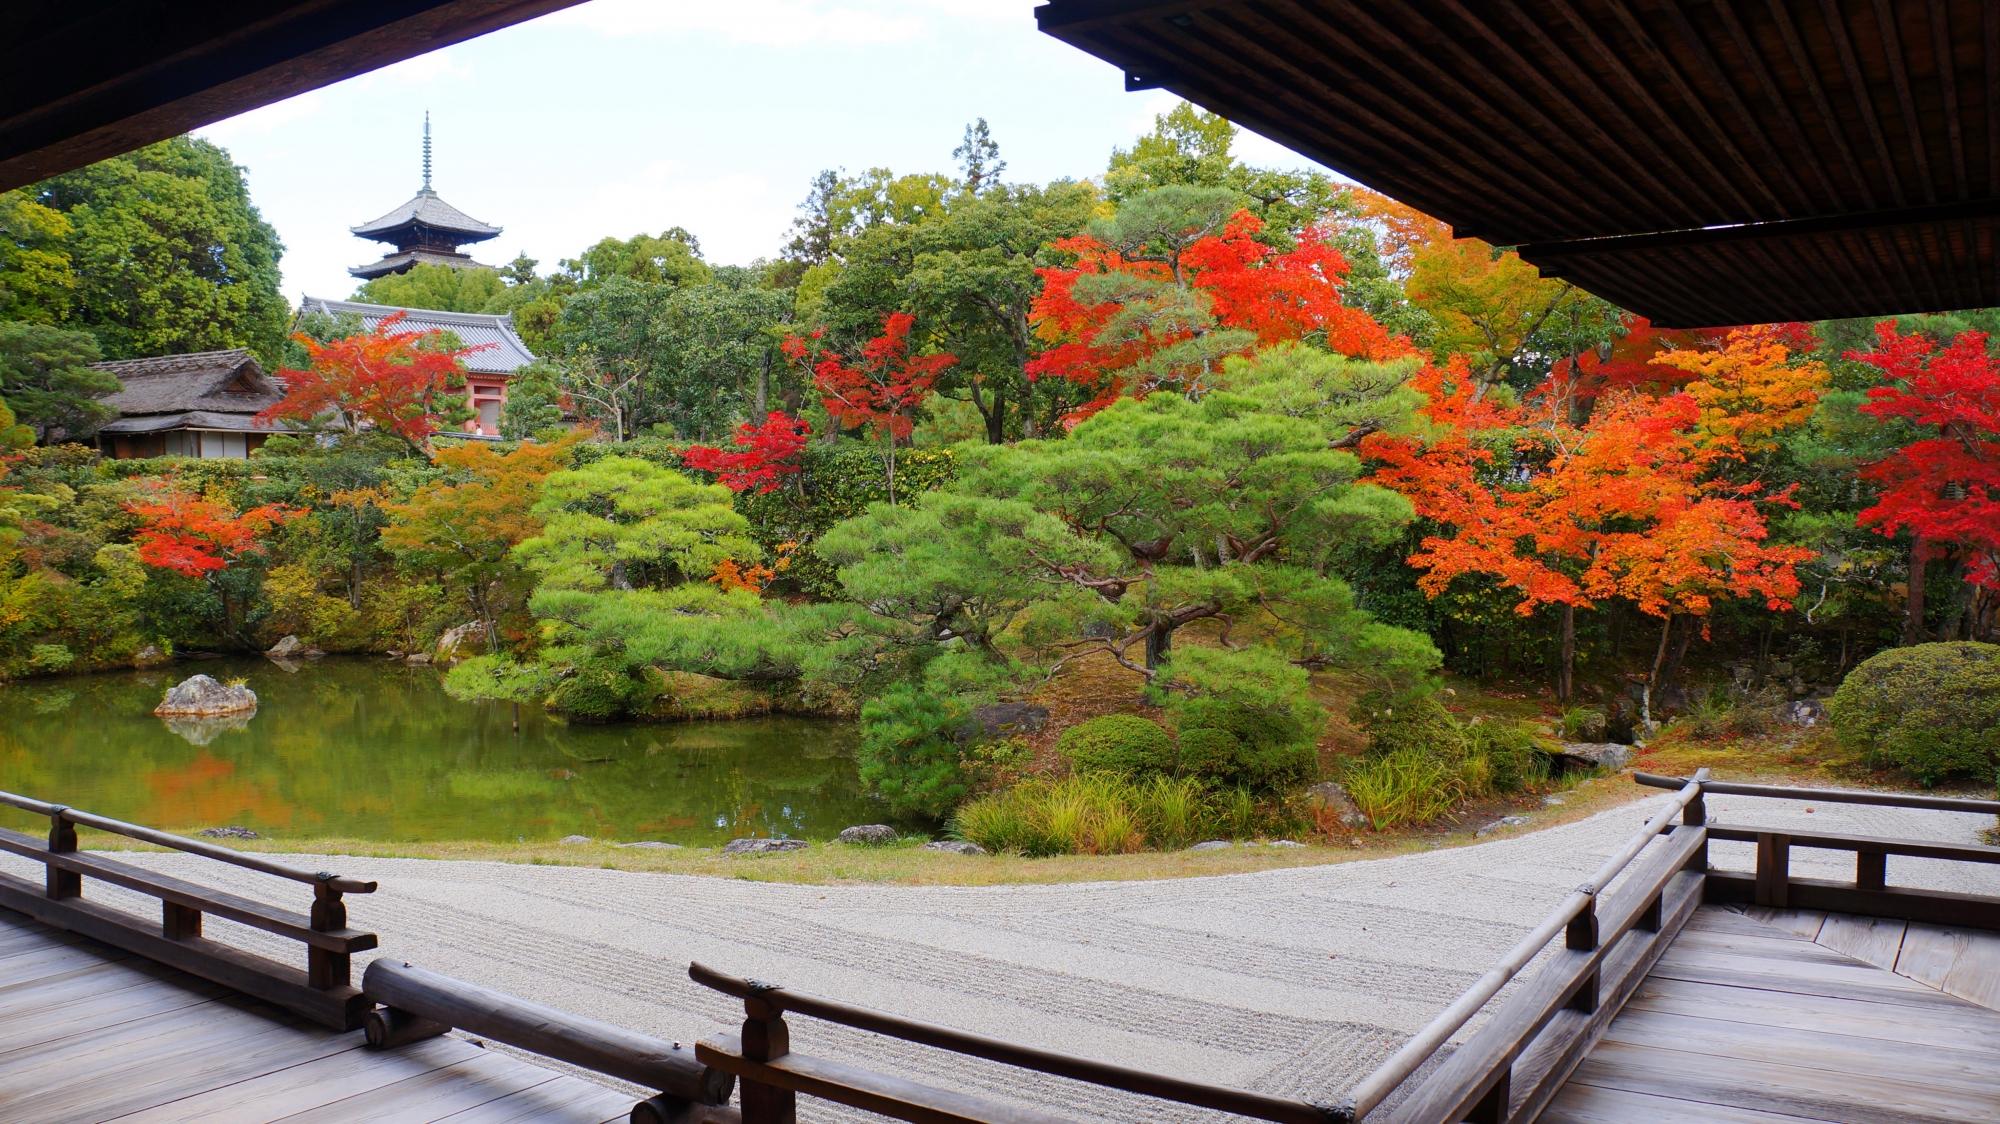 仁和寺の御殿北庭の紅葉と奥に見える五重塔